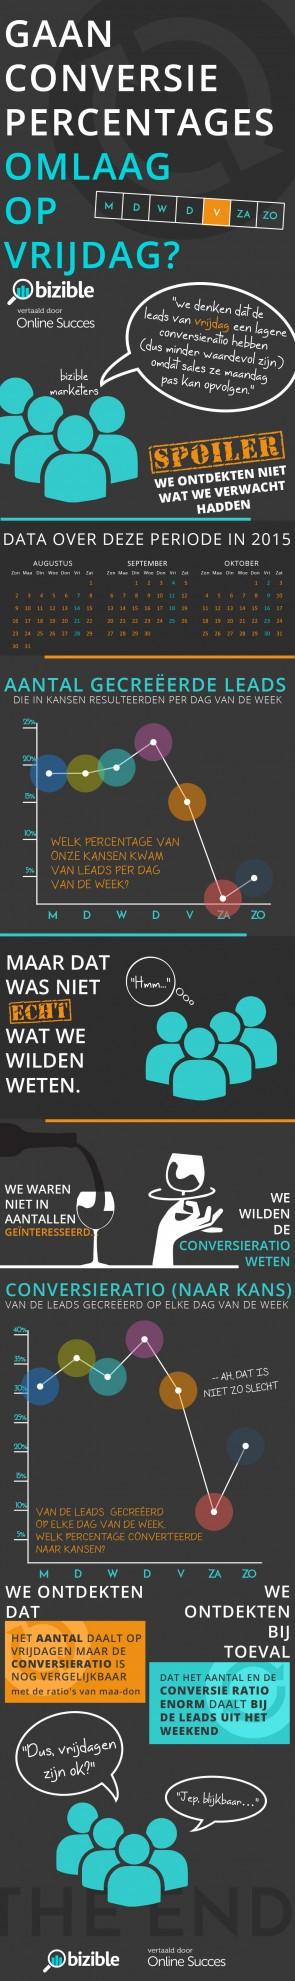 Infographic-Gaan-conversie-percentages-op-vrijdag-omlaag